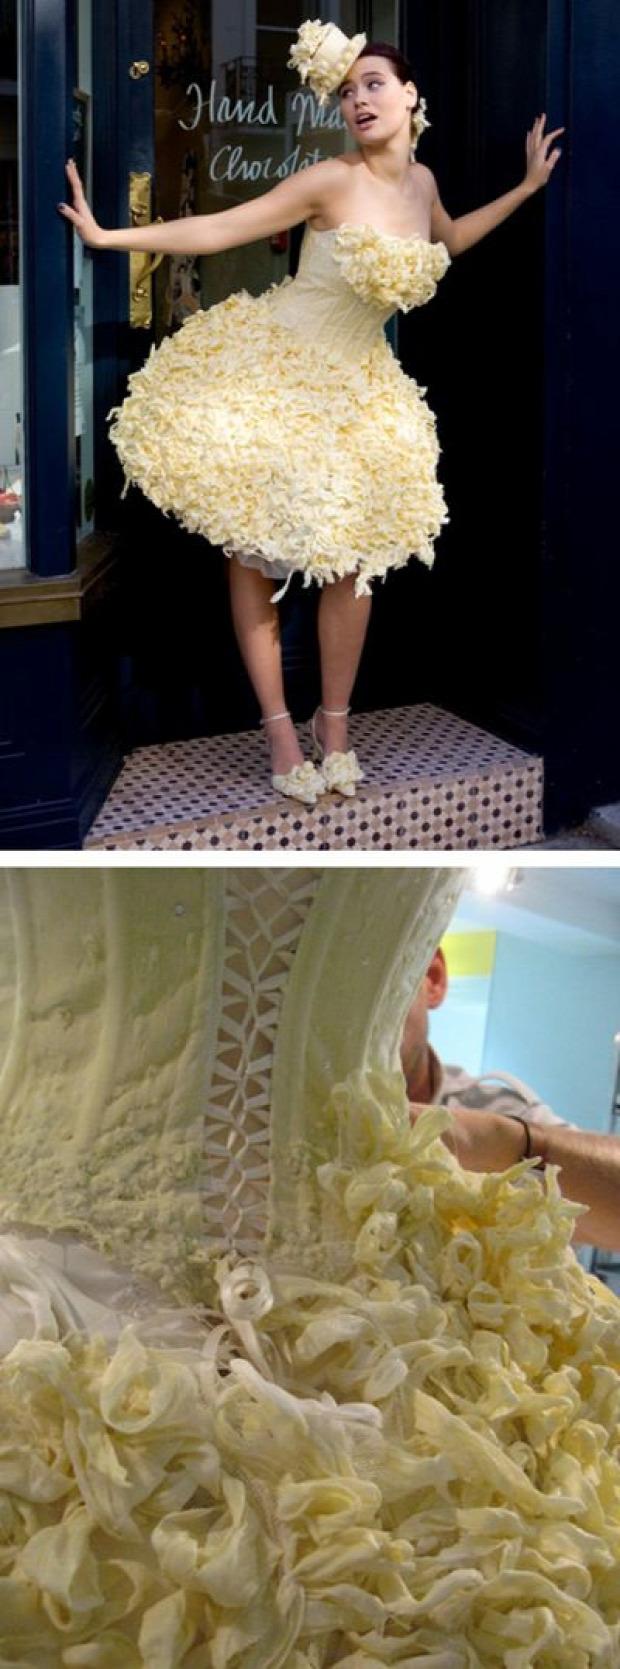 A világ érdekes esküvői ruha furcsa